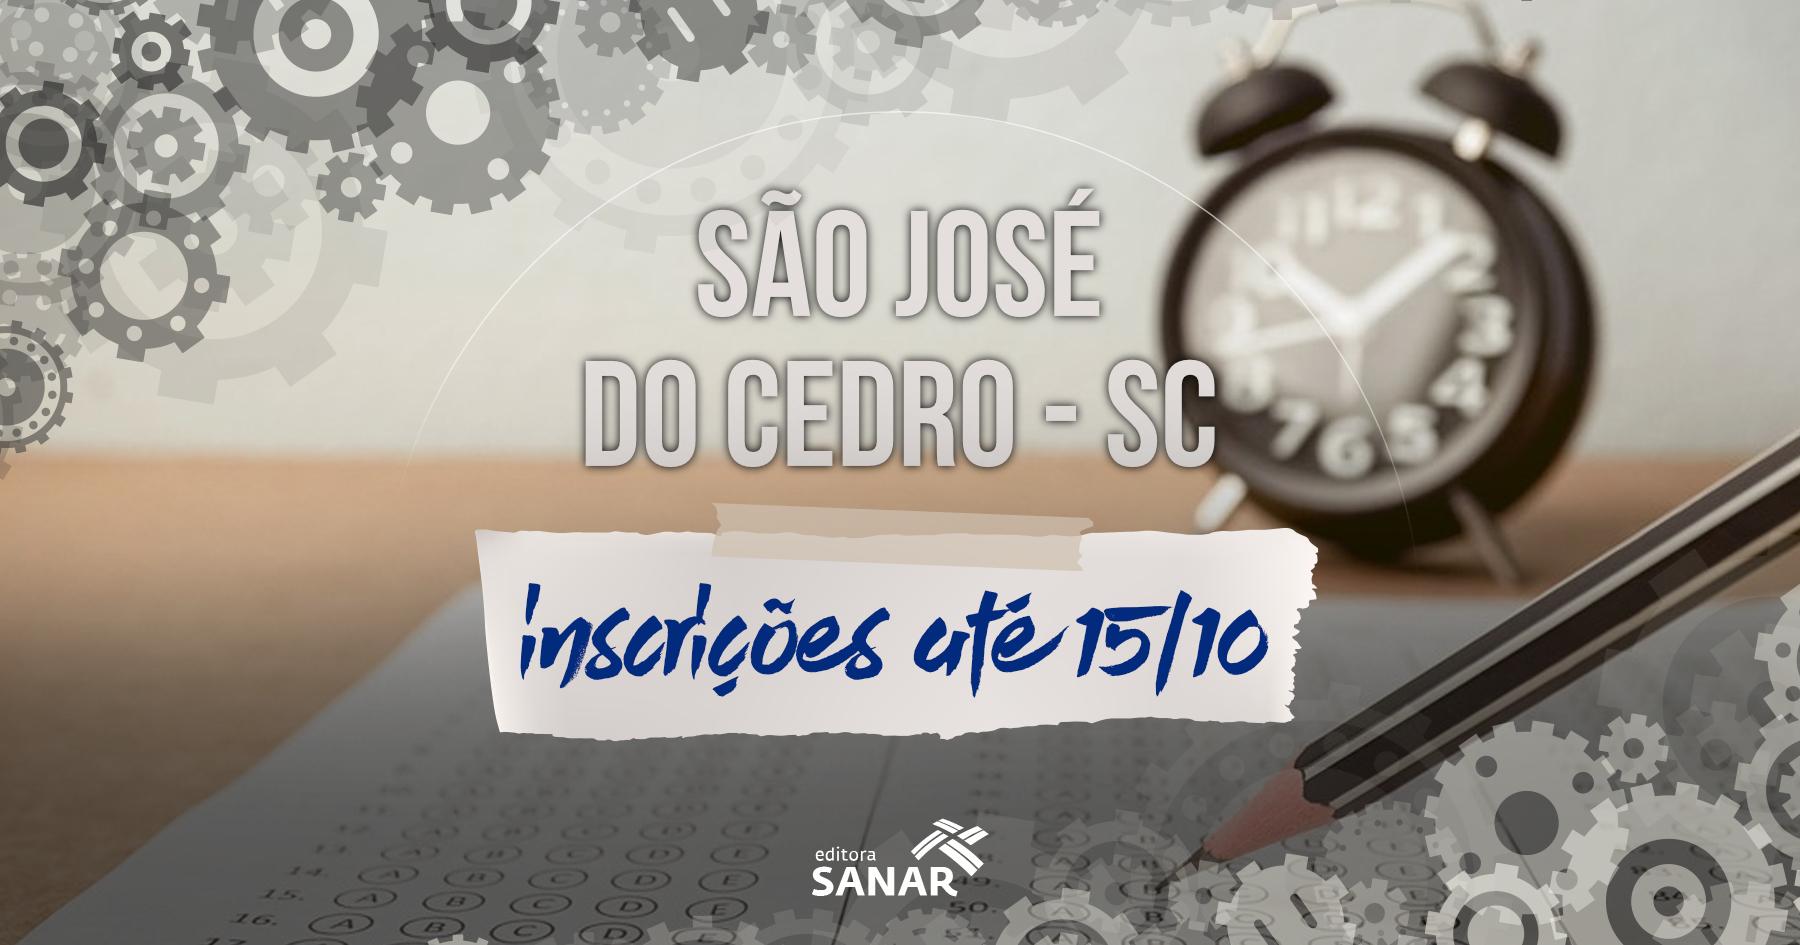 Concurso | Inscrições abertas em São José do Cedro